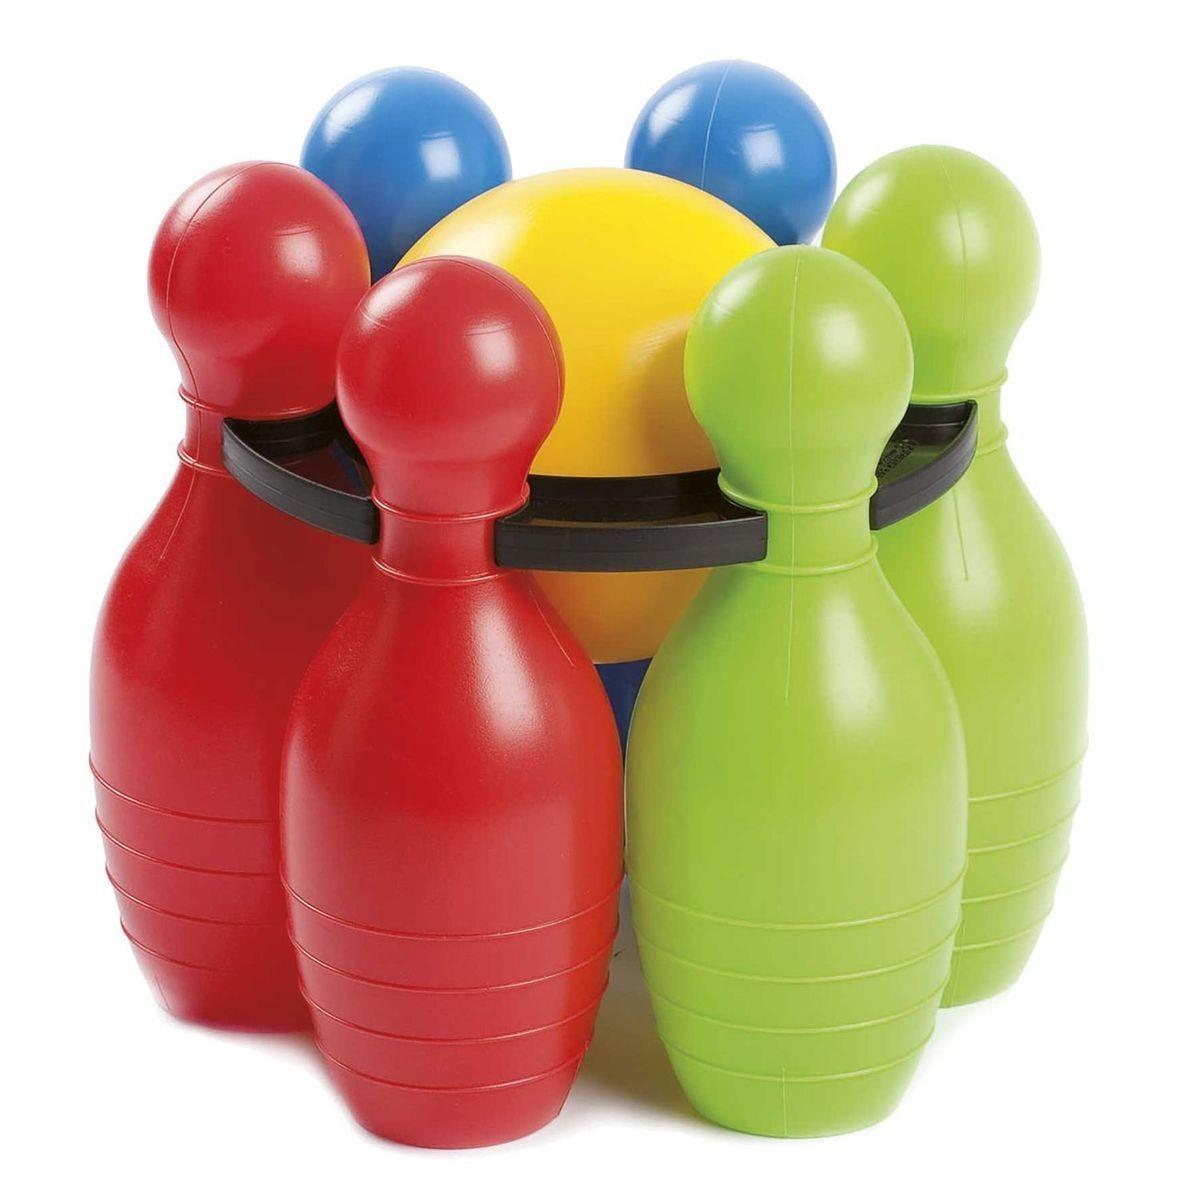 Jeu De Bowling Enfant - 6 Quilles Et 1 Boule - Plastique encequiconcerne Jeu Bowling Enfant